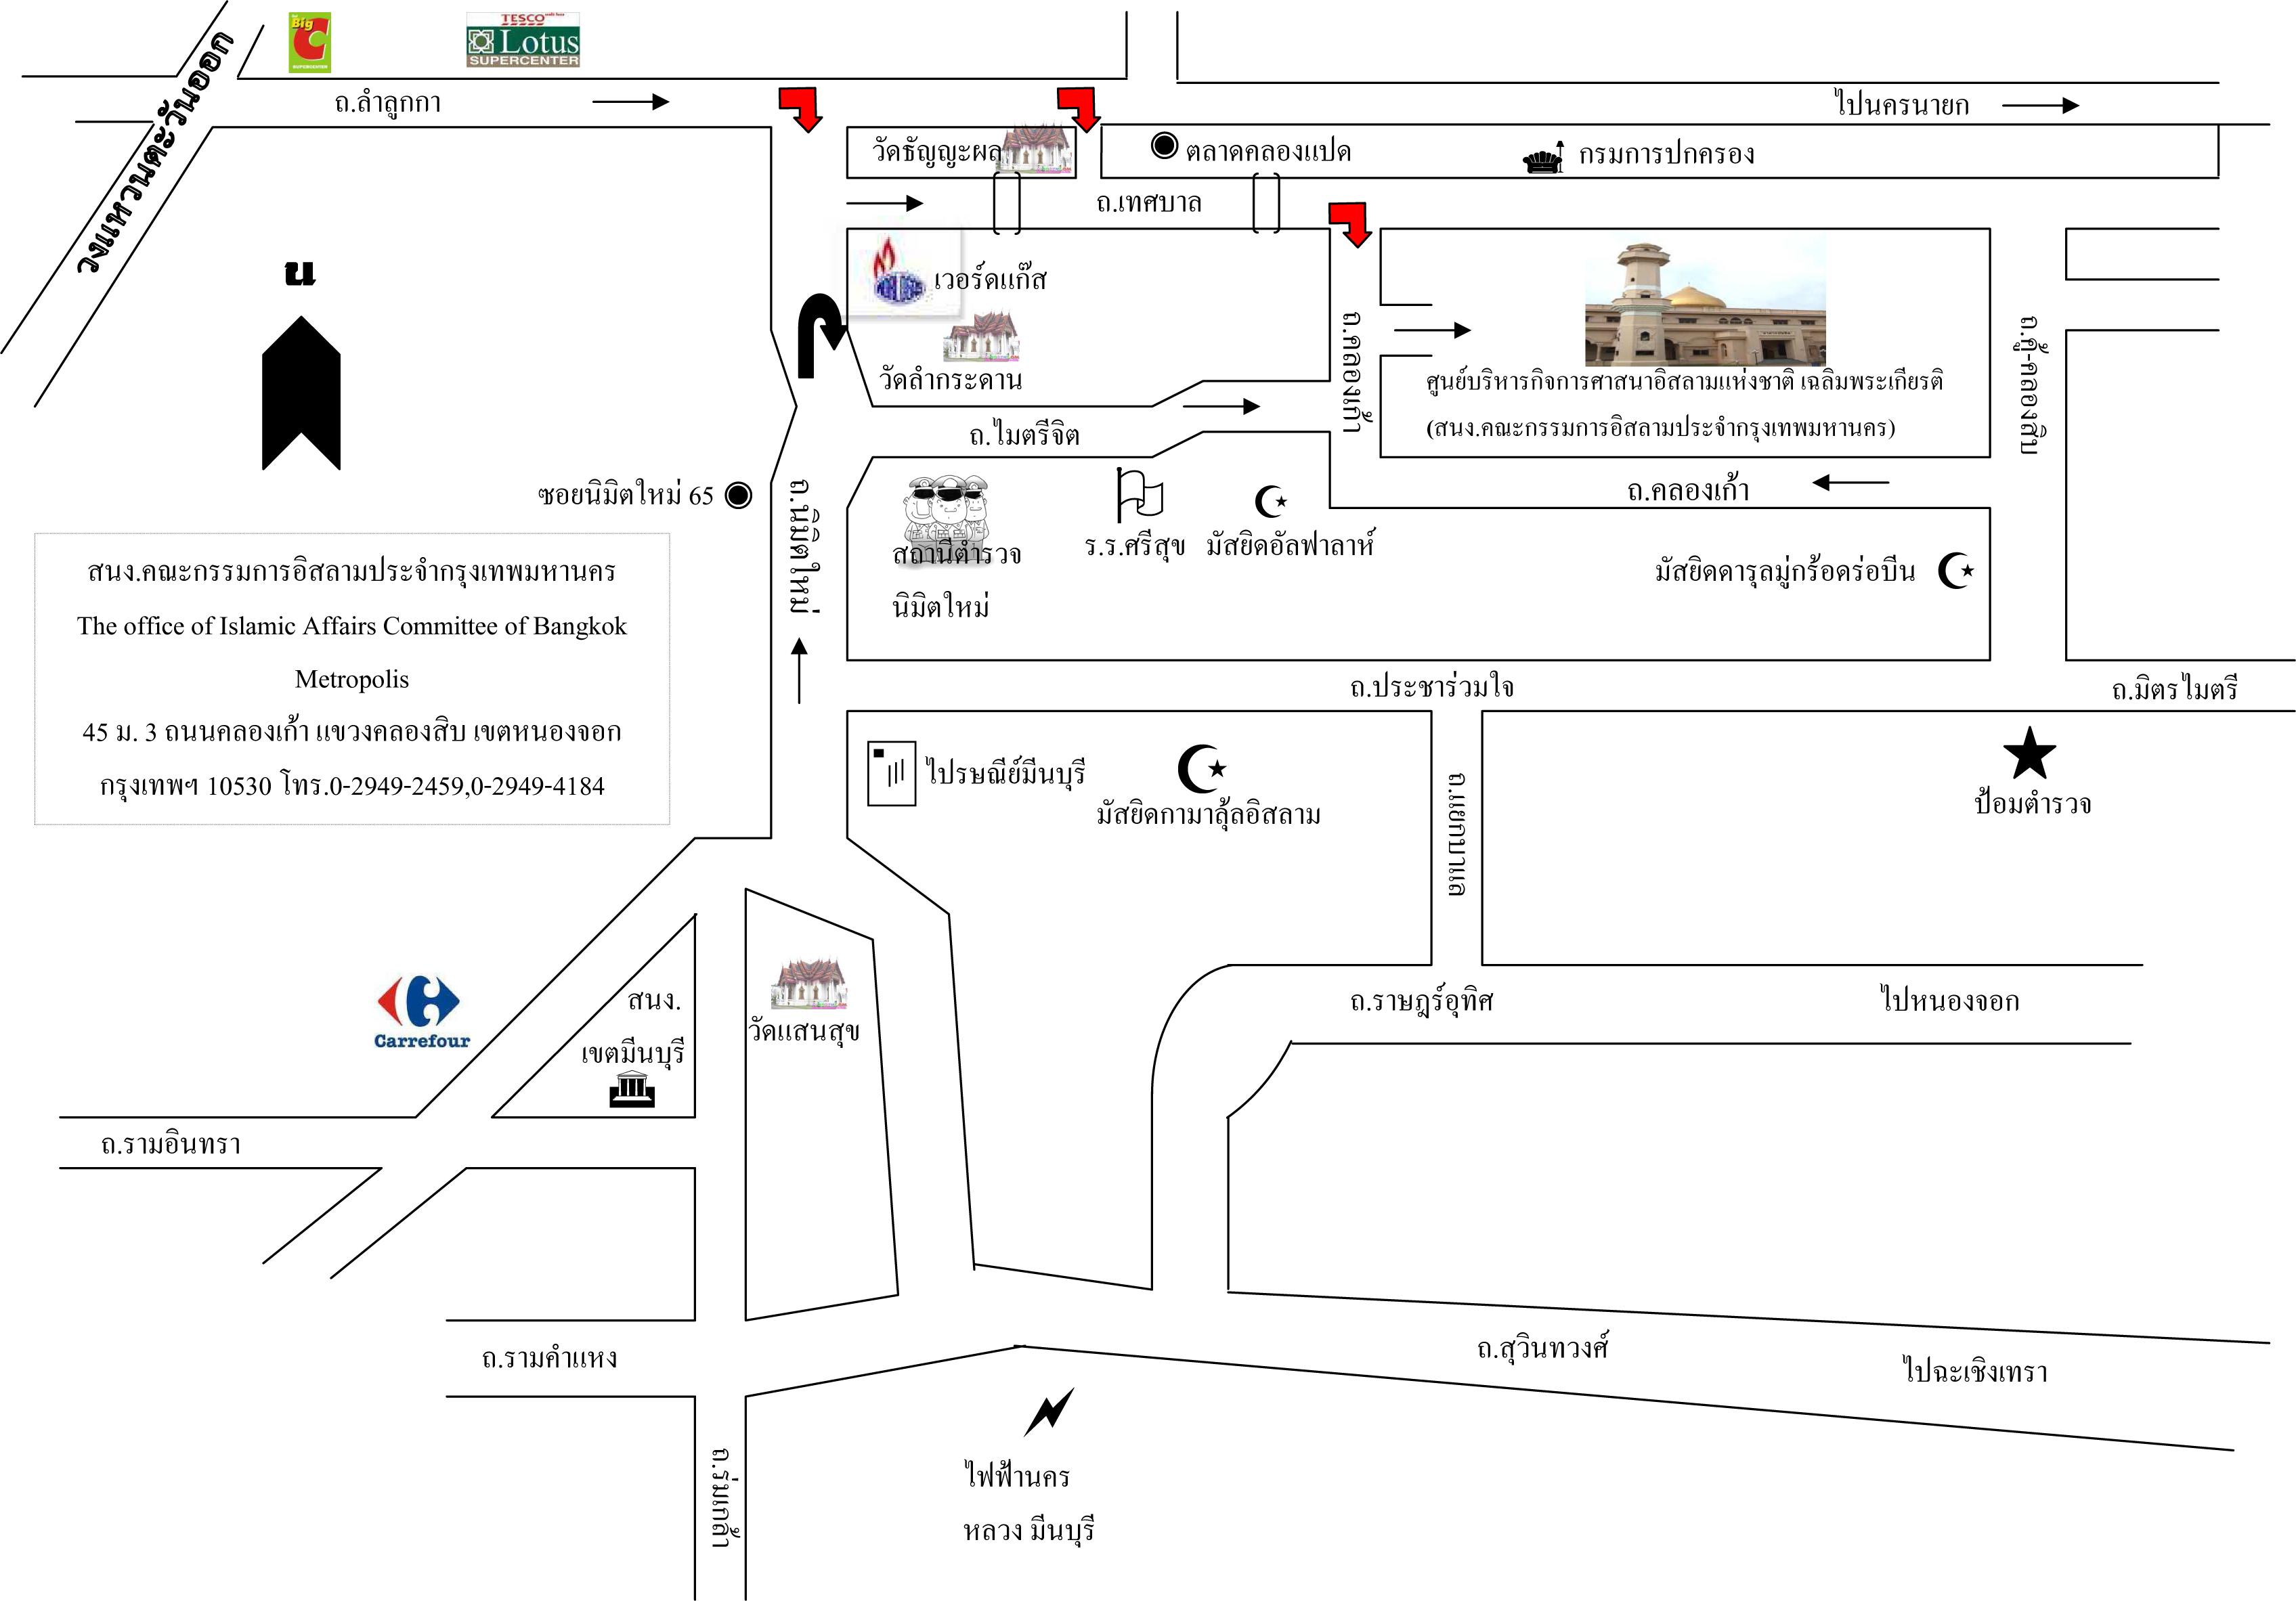 แผนที่ สำนักงานคณะกรรมการอิสลามประจำกรุงเทพมหานคร